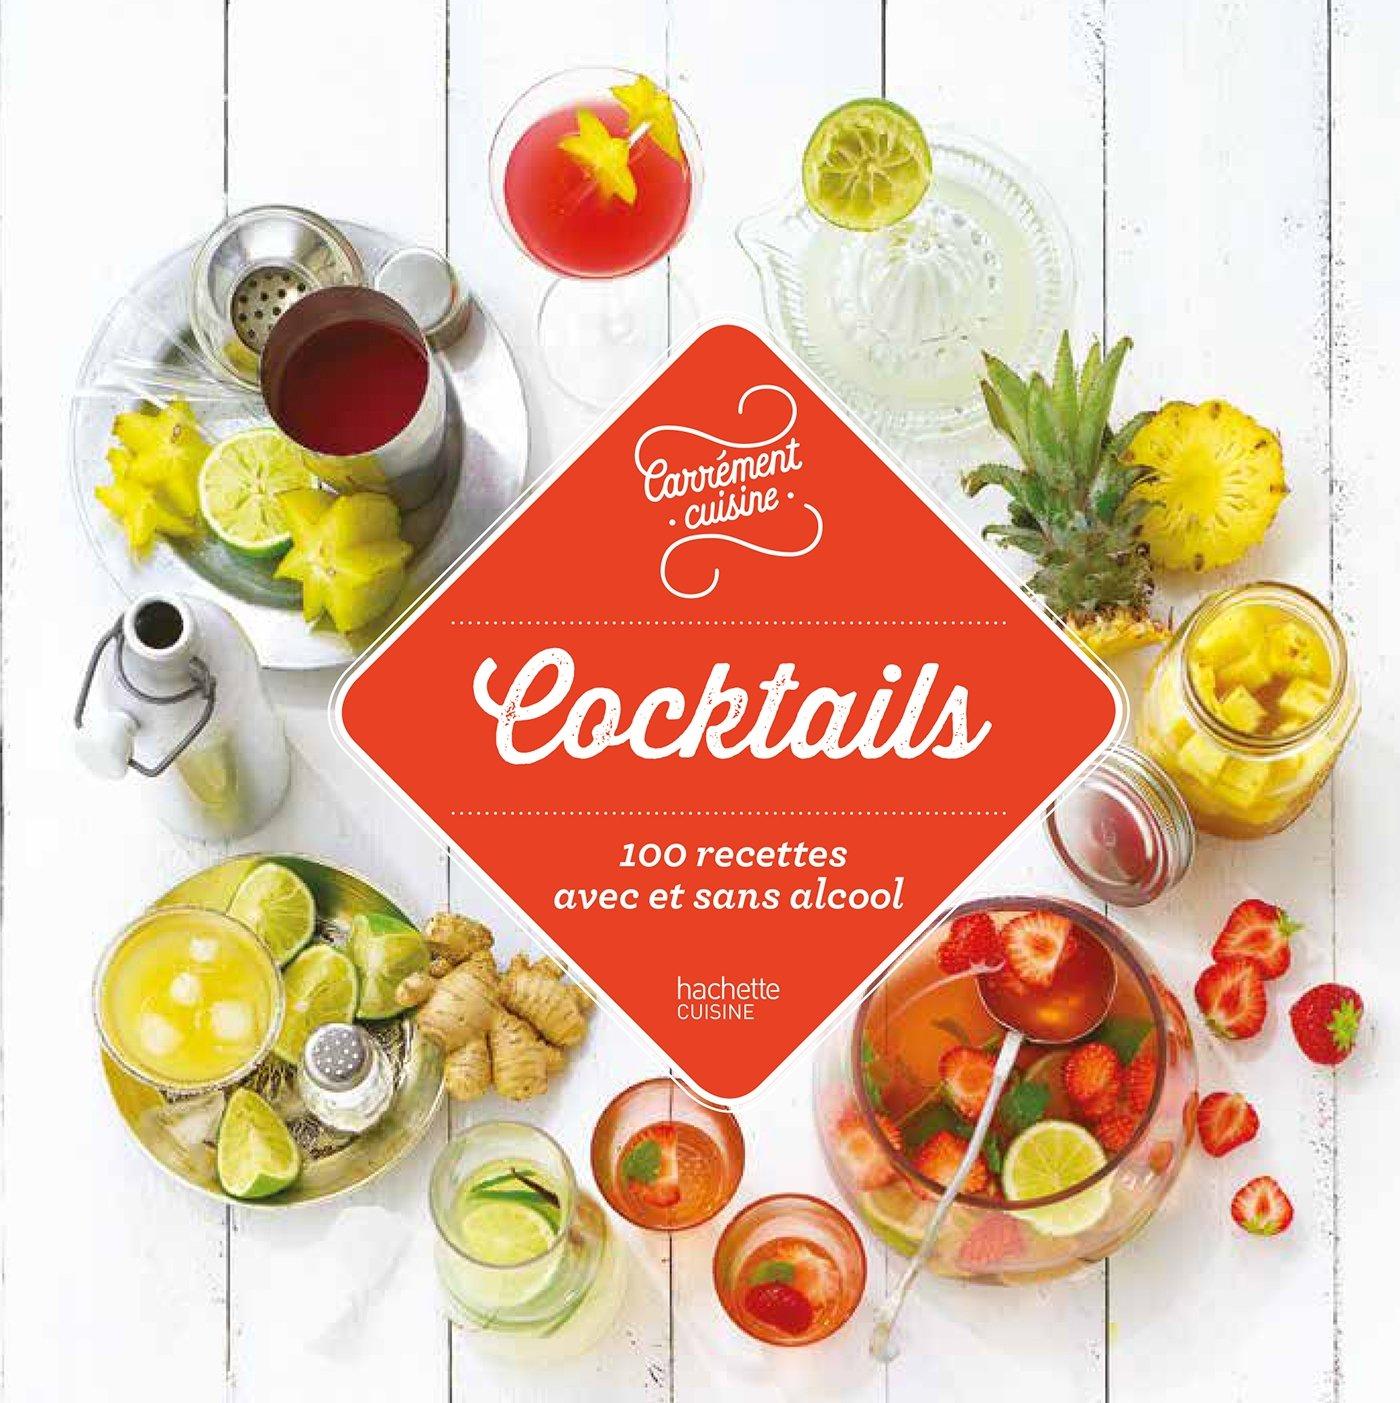 Cocktails 100 recettes avec et sans alcool Relié – 7 juin 2017 Collectif Hachette Pratique 2017020338 Cuisine au quotidien